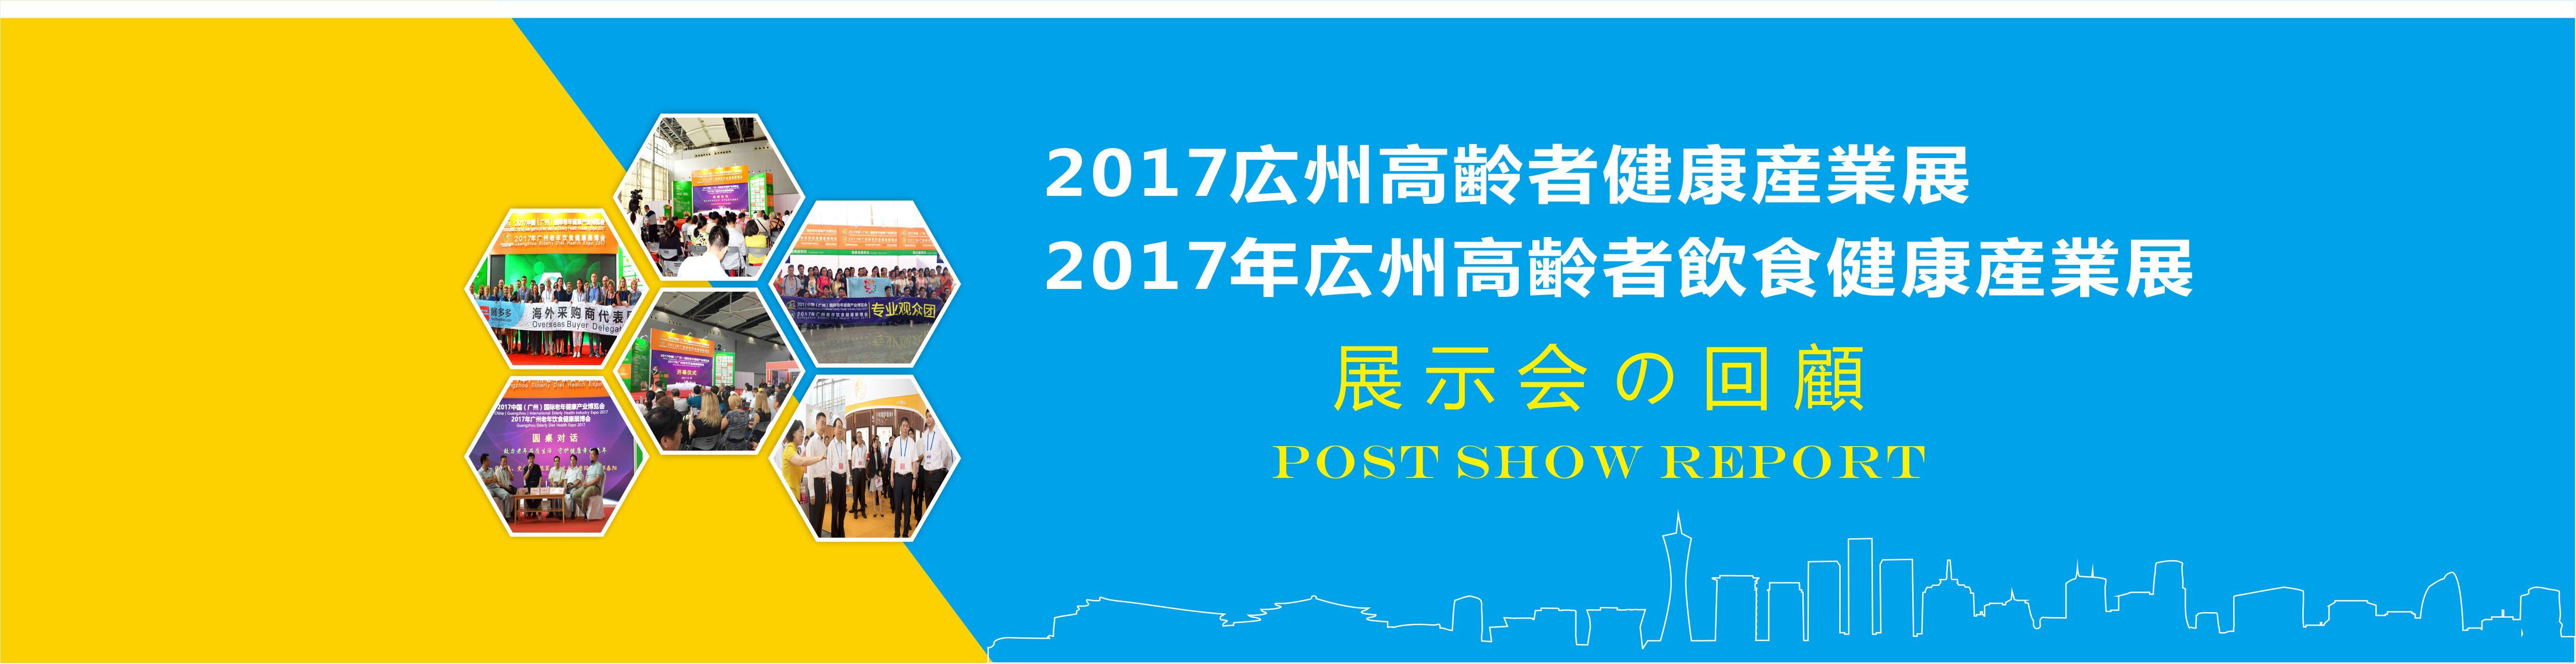 2017广州老博会